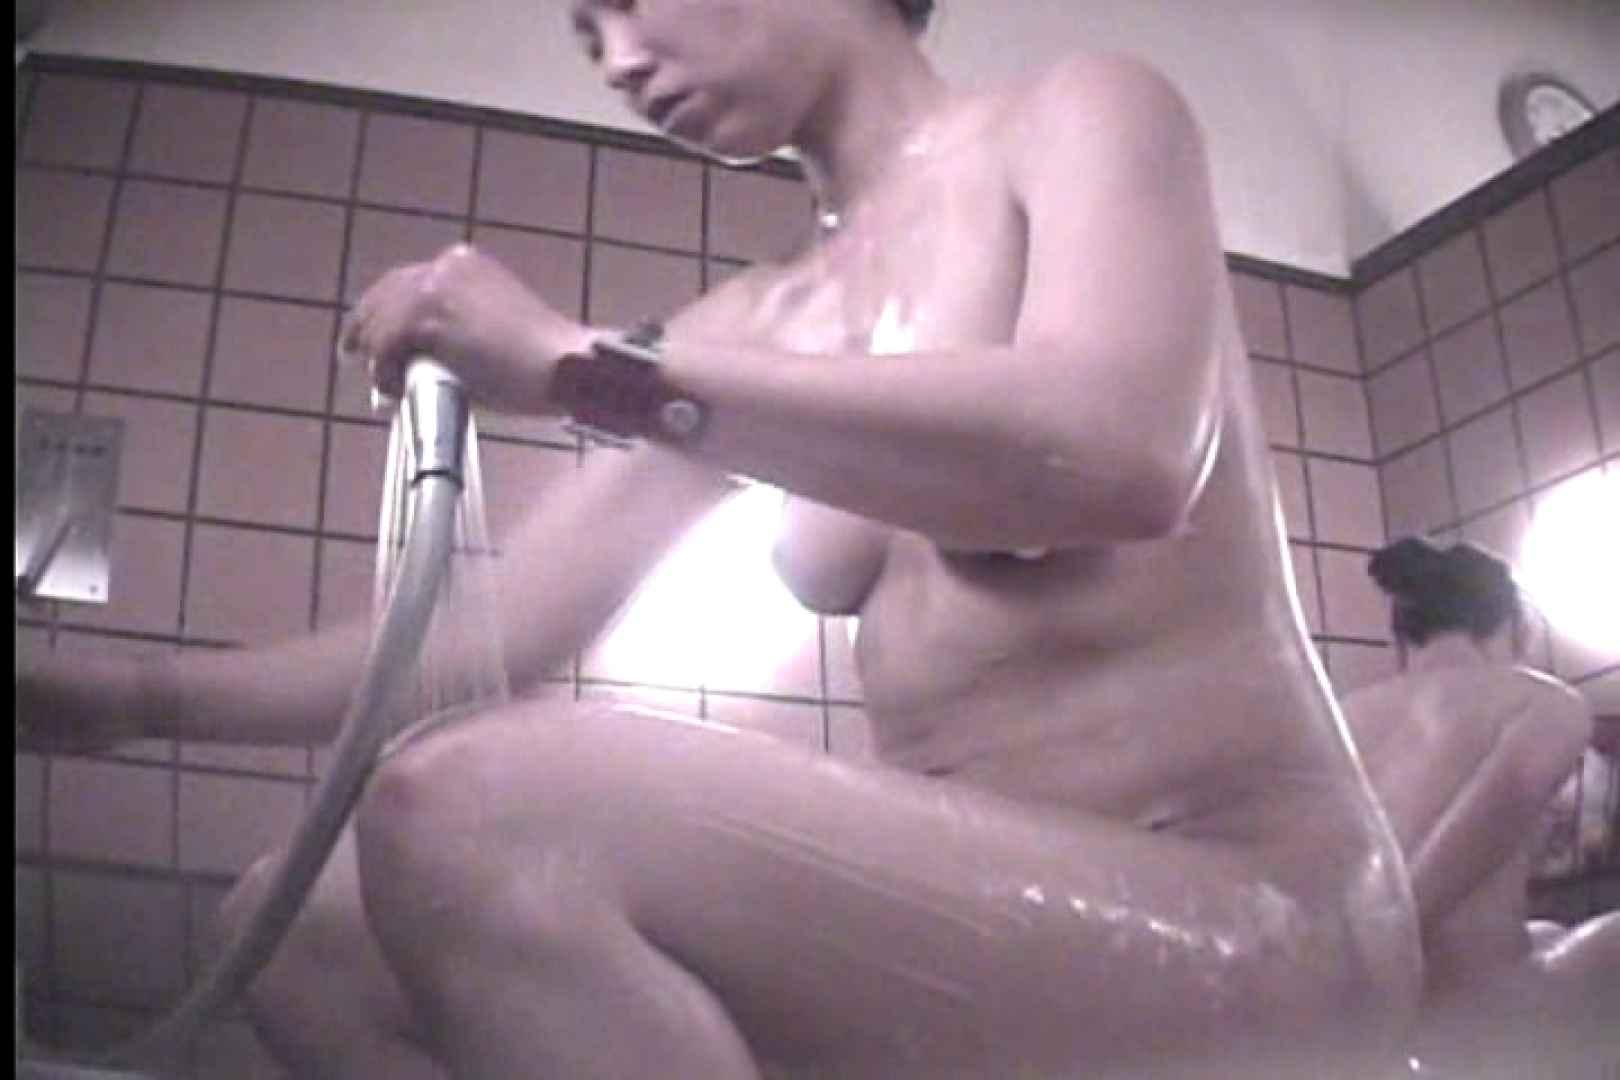 潜入女風呂 がっかり編Vol.1 女子風呂  75枚 35